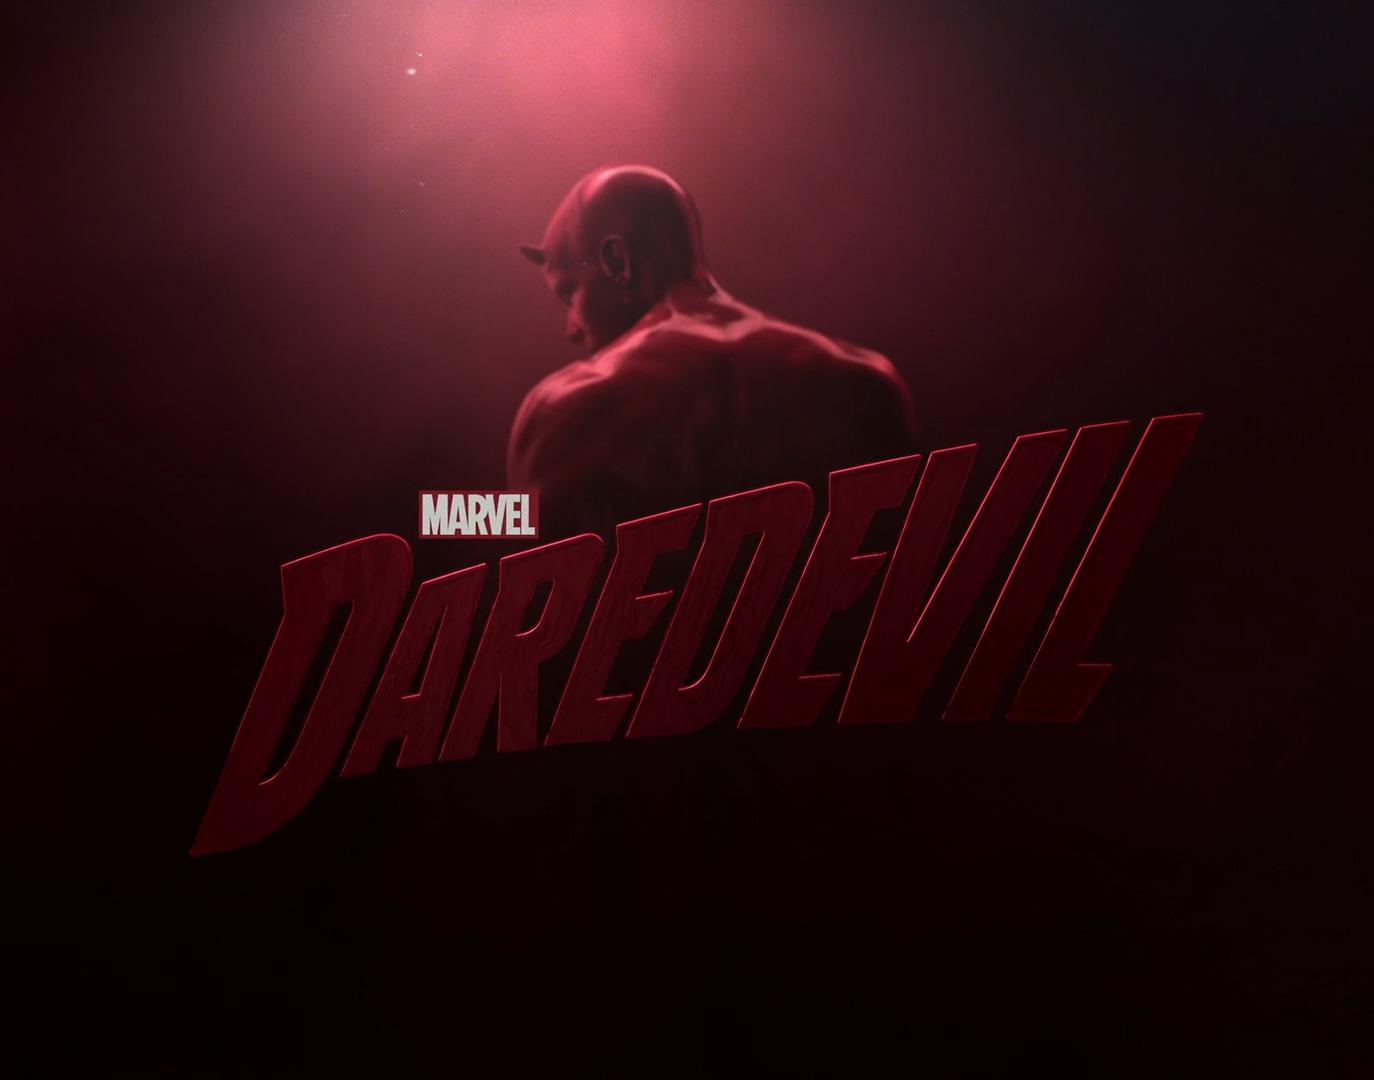 Daredevil s1 title card 1